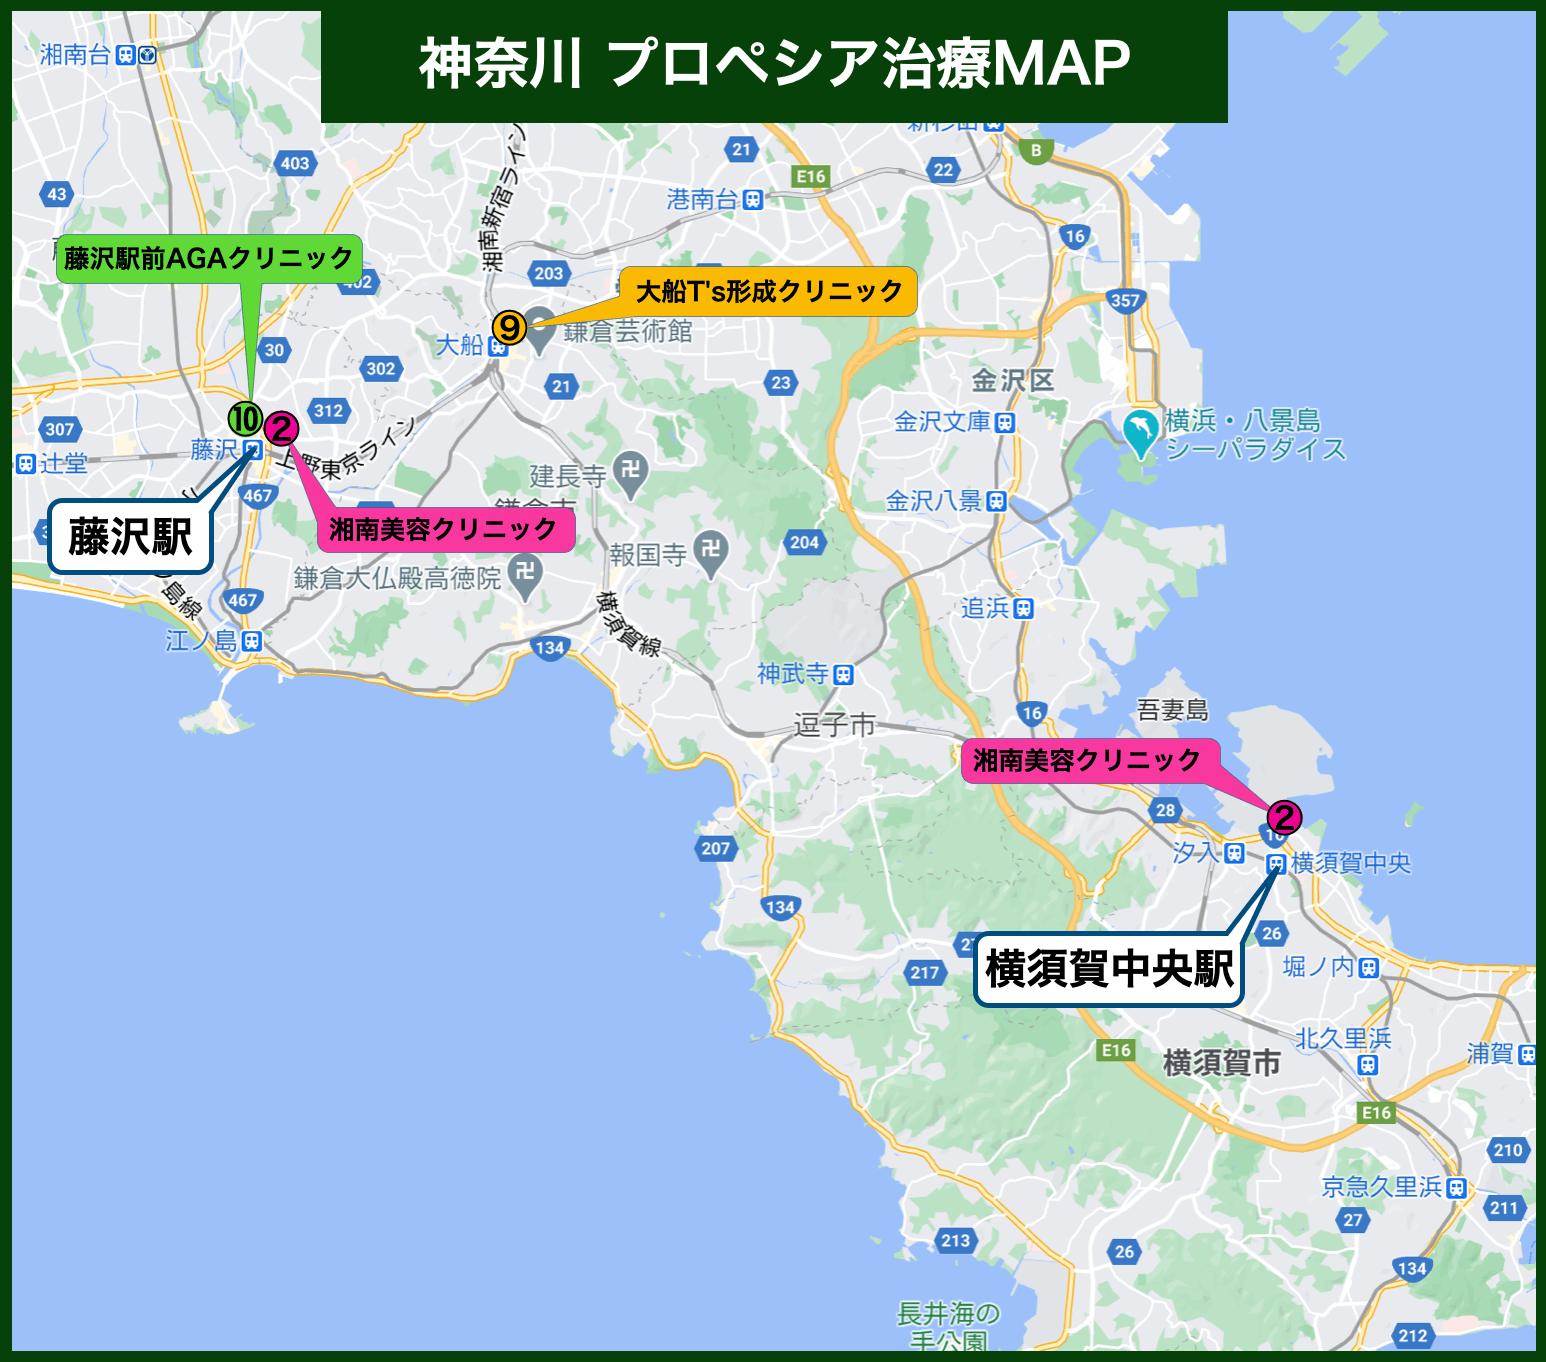 神奈川 プロペシア治療MAP